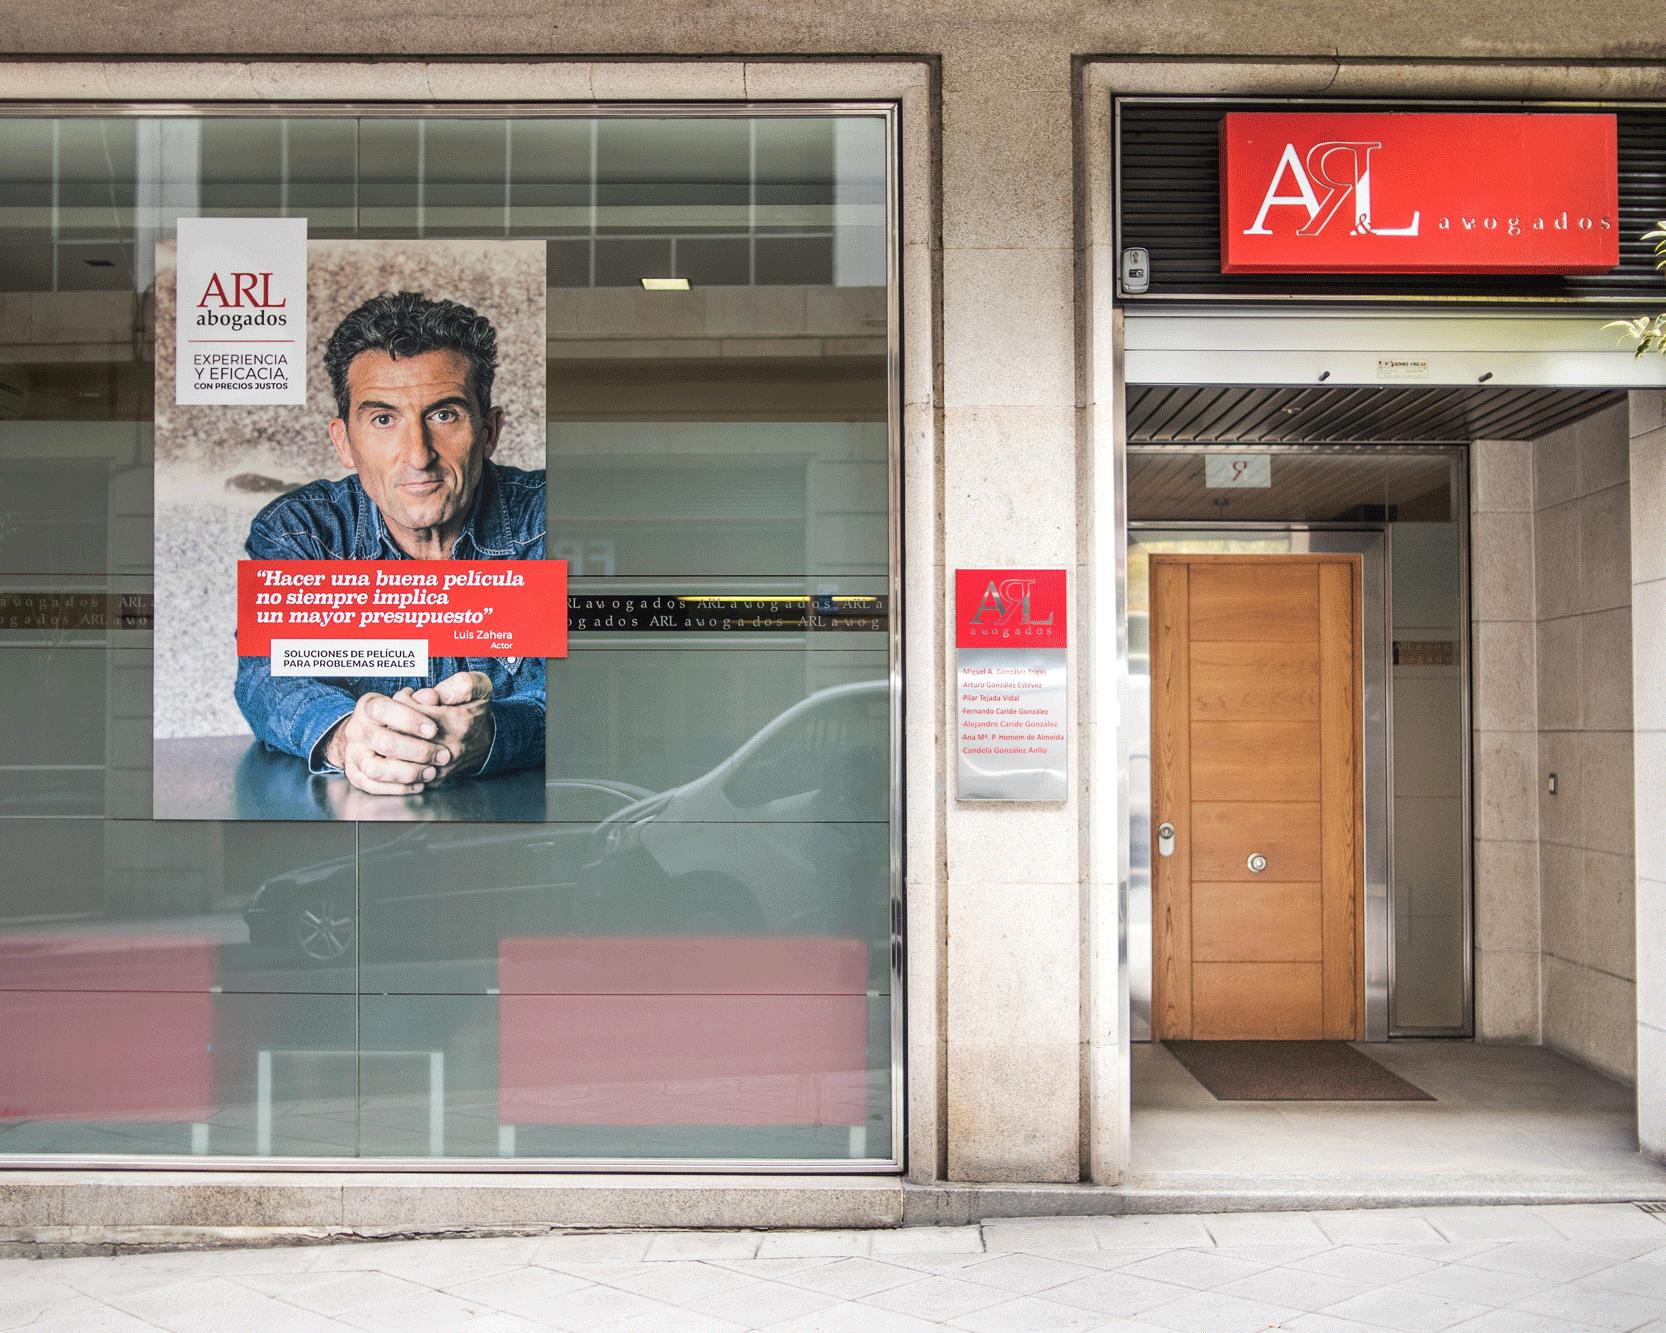 ARL-Instalaciones-15-galeria